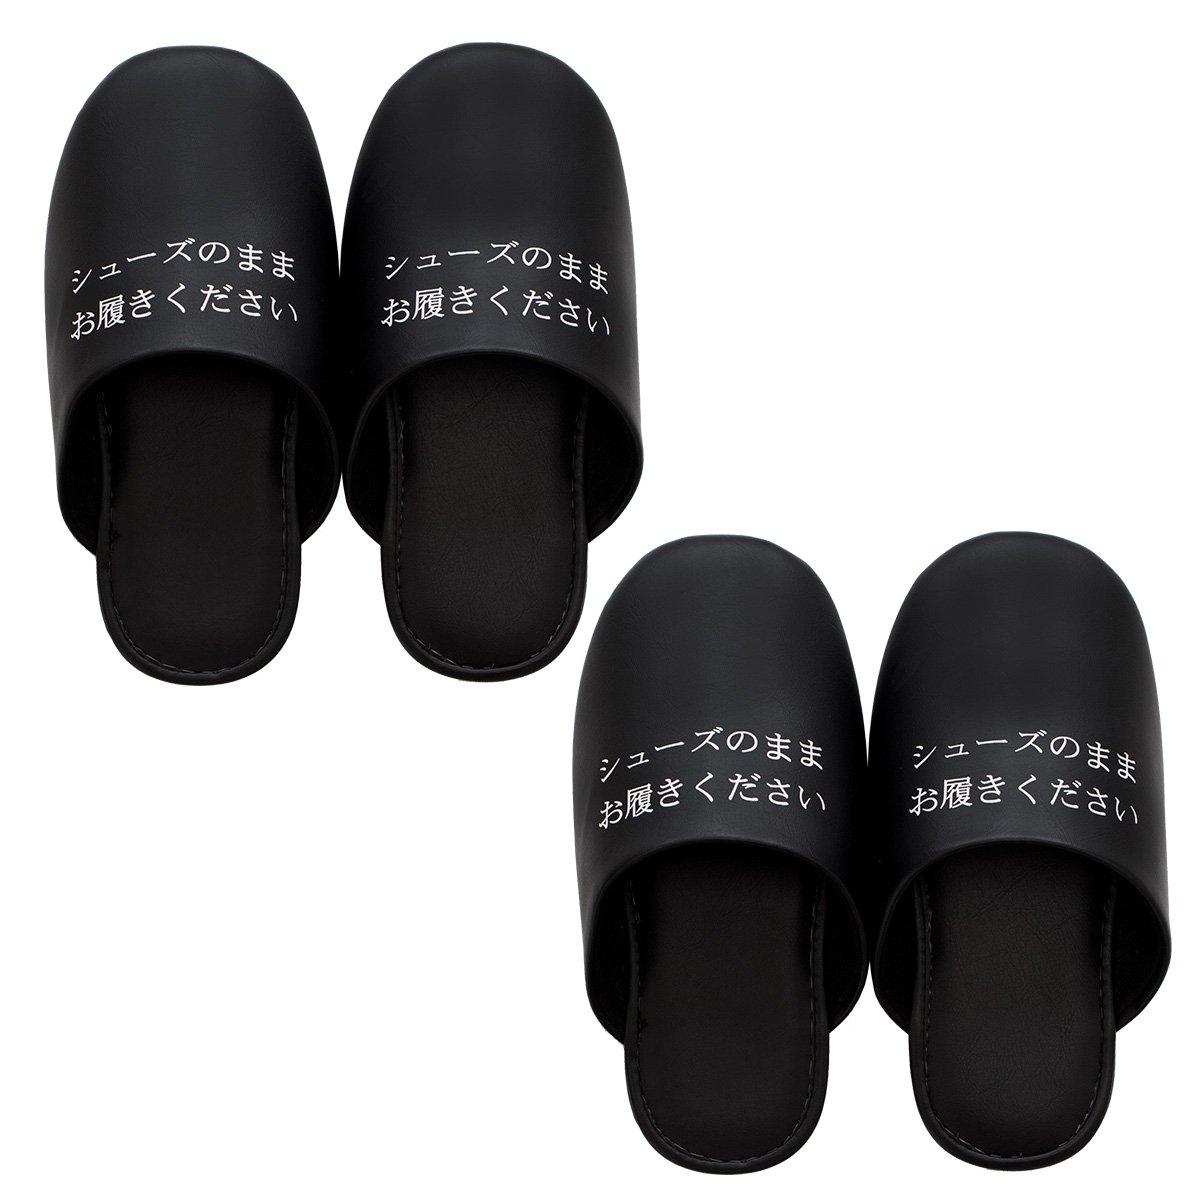 オカ 【靴のままはける】 シューズそのまま スリッパ 2足セット (レギュラーサイズ, ブラック) B06XC8MS1D レギュラーサイズ|ブラック ブラック レギュラーサイズ